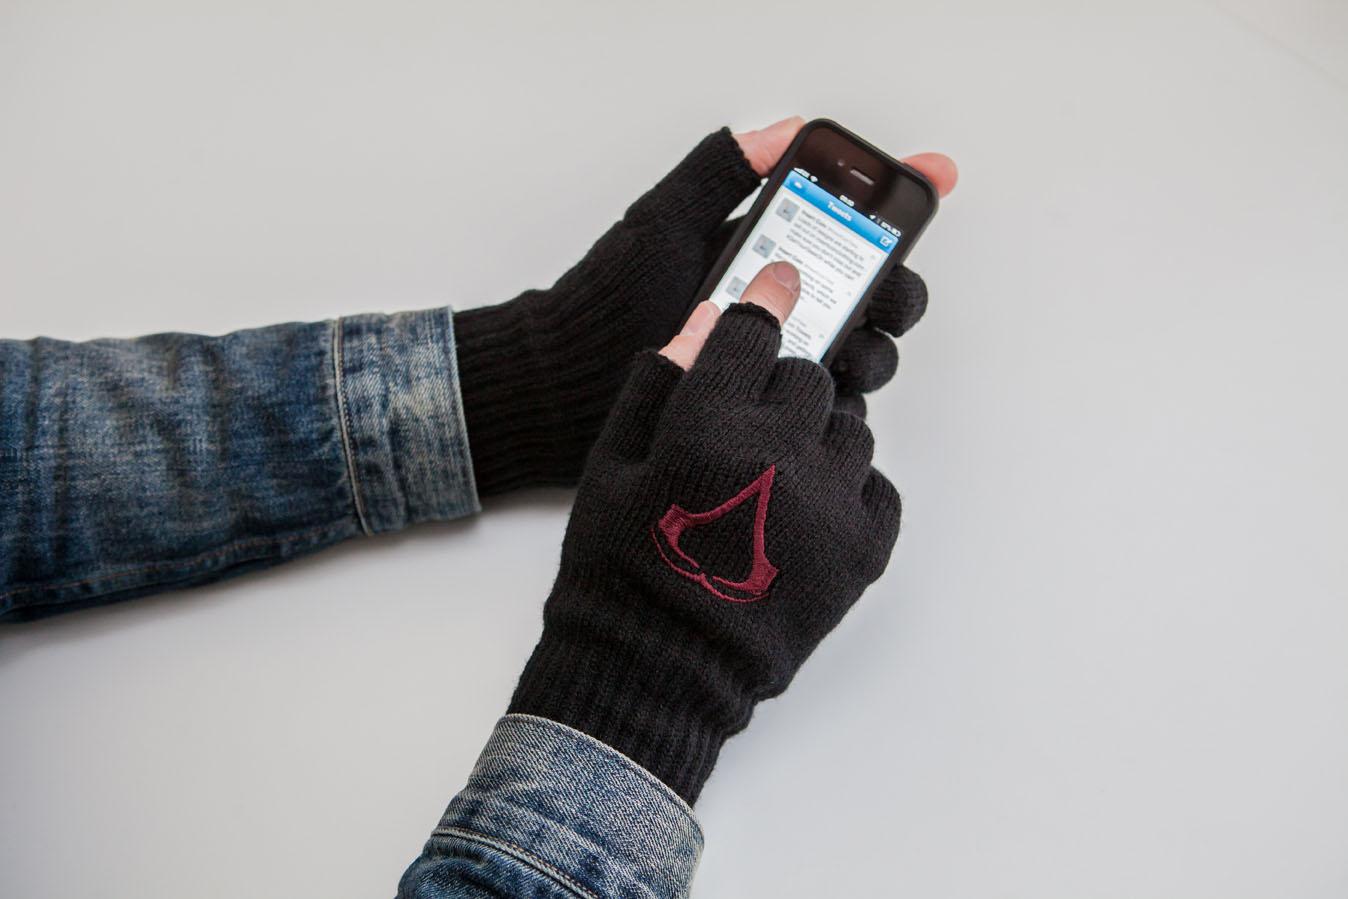 Fingerless gloves for gaming -